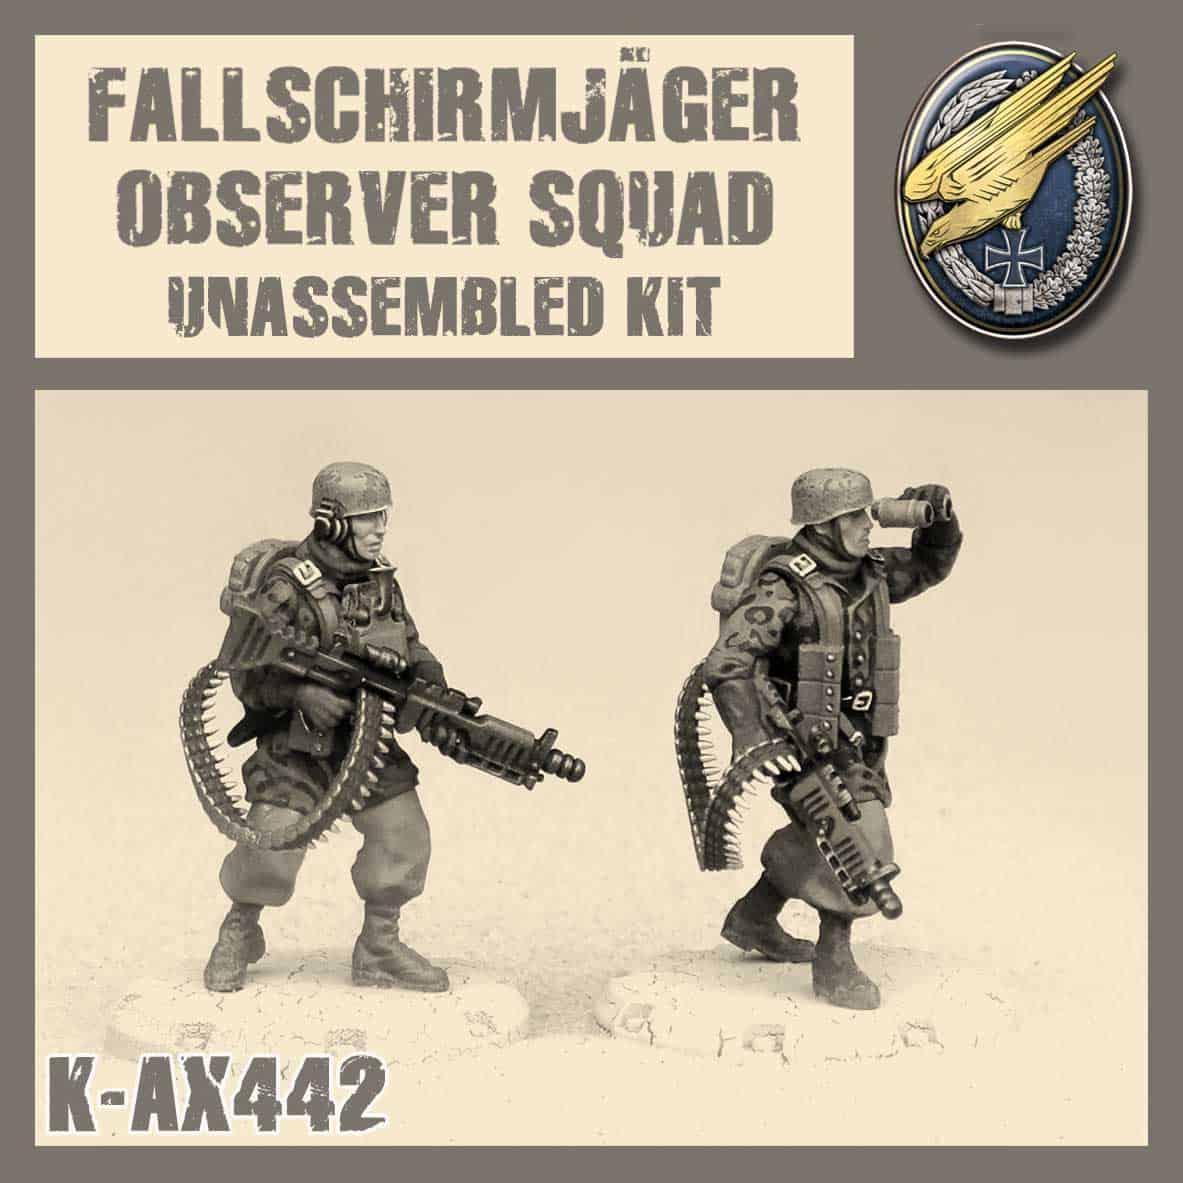 Fallschirmjäger Observer Squad Kit